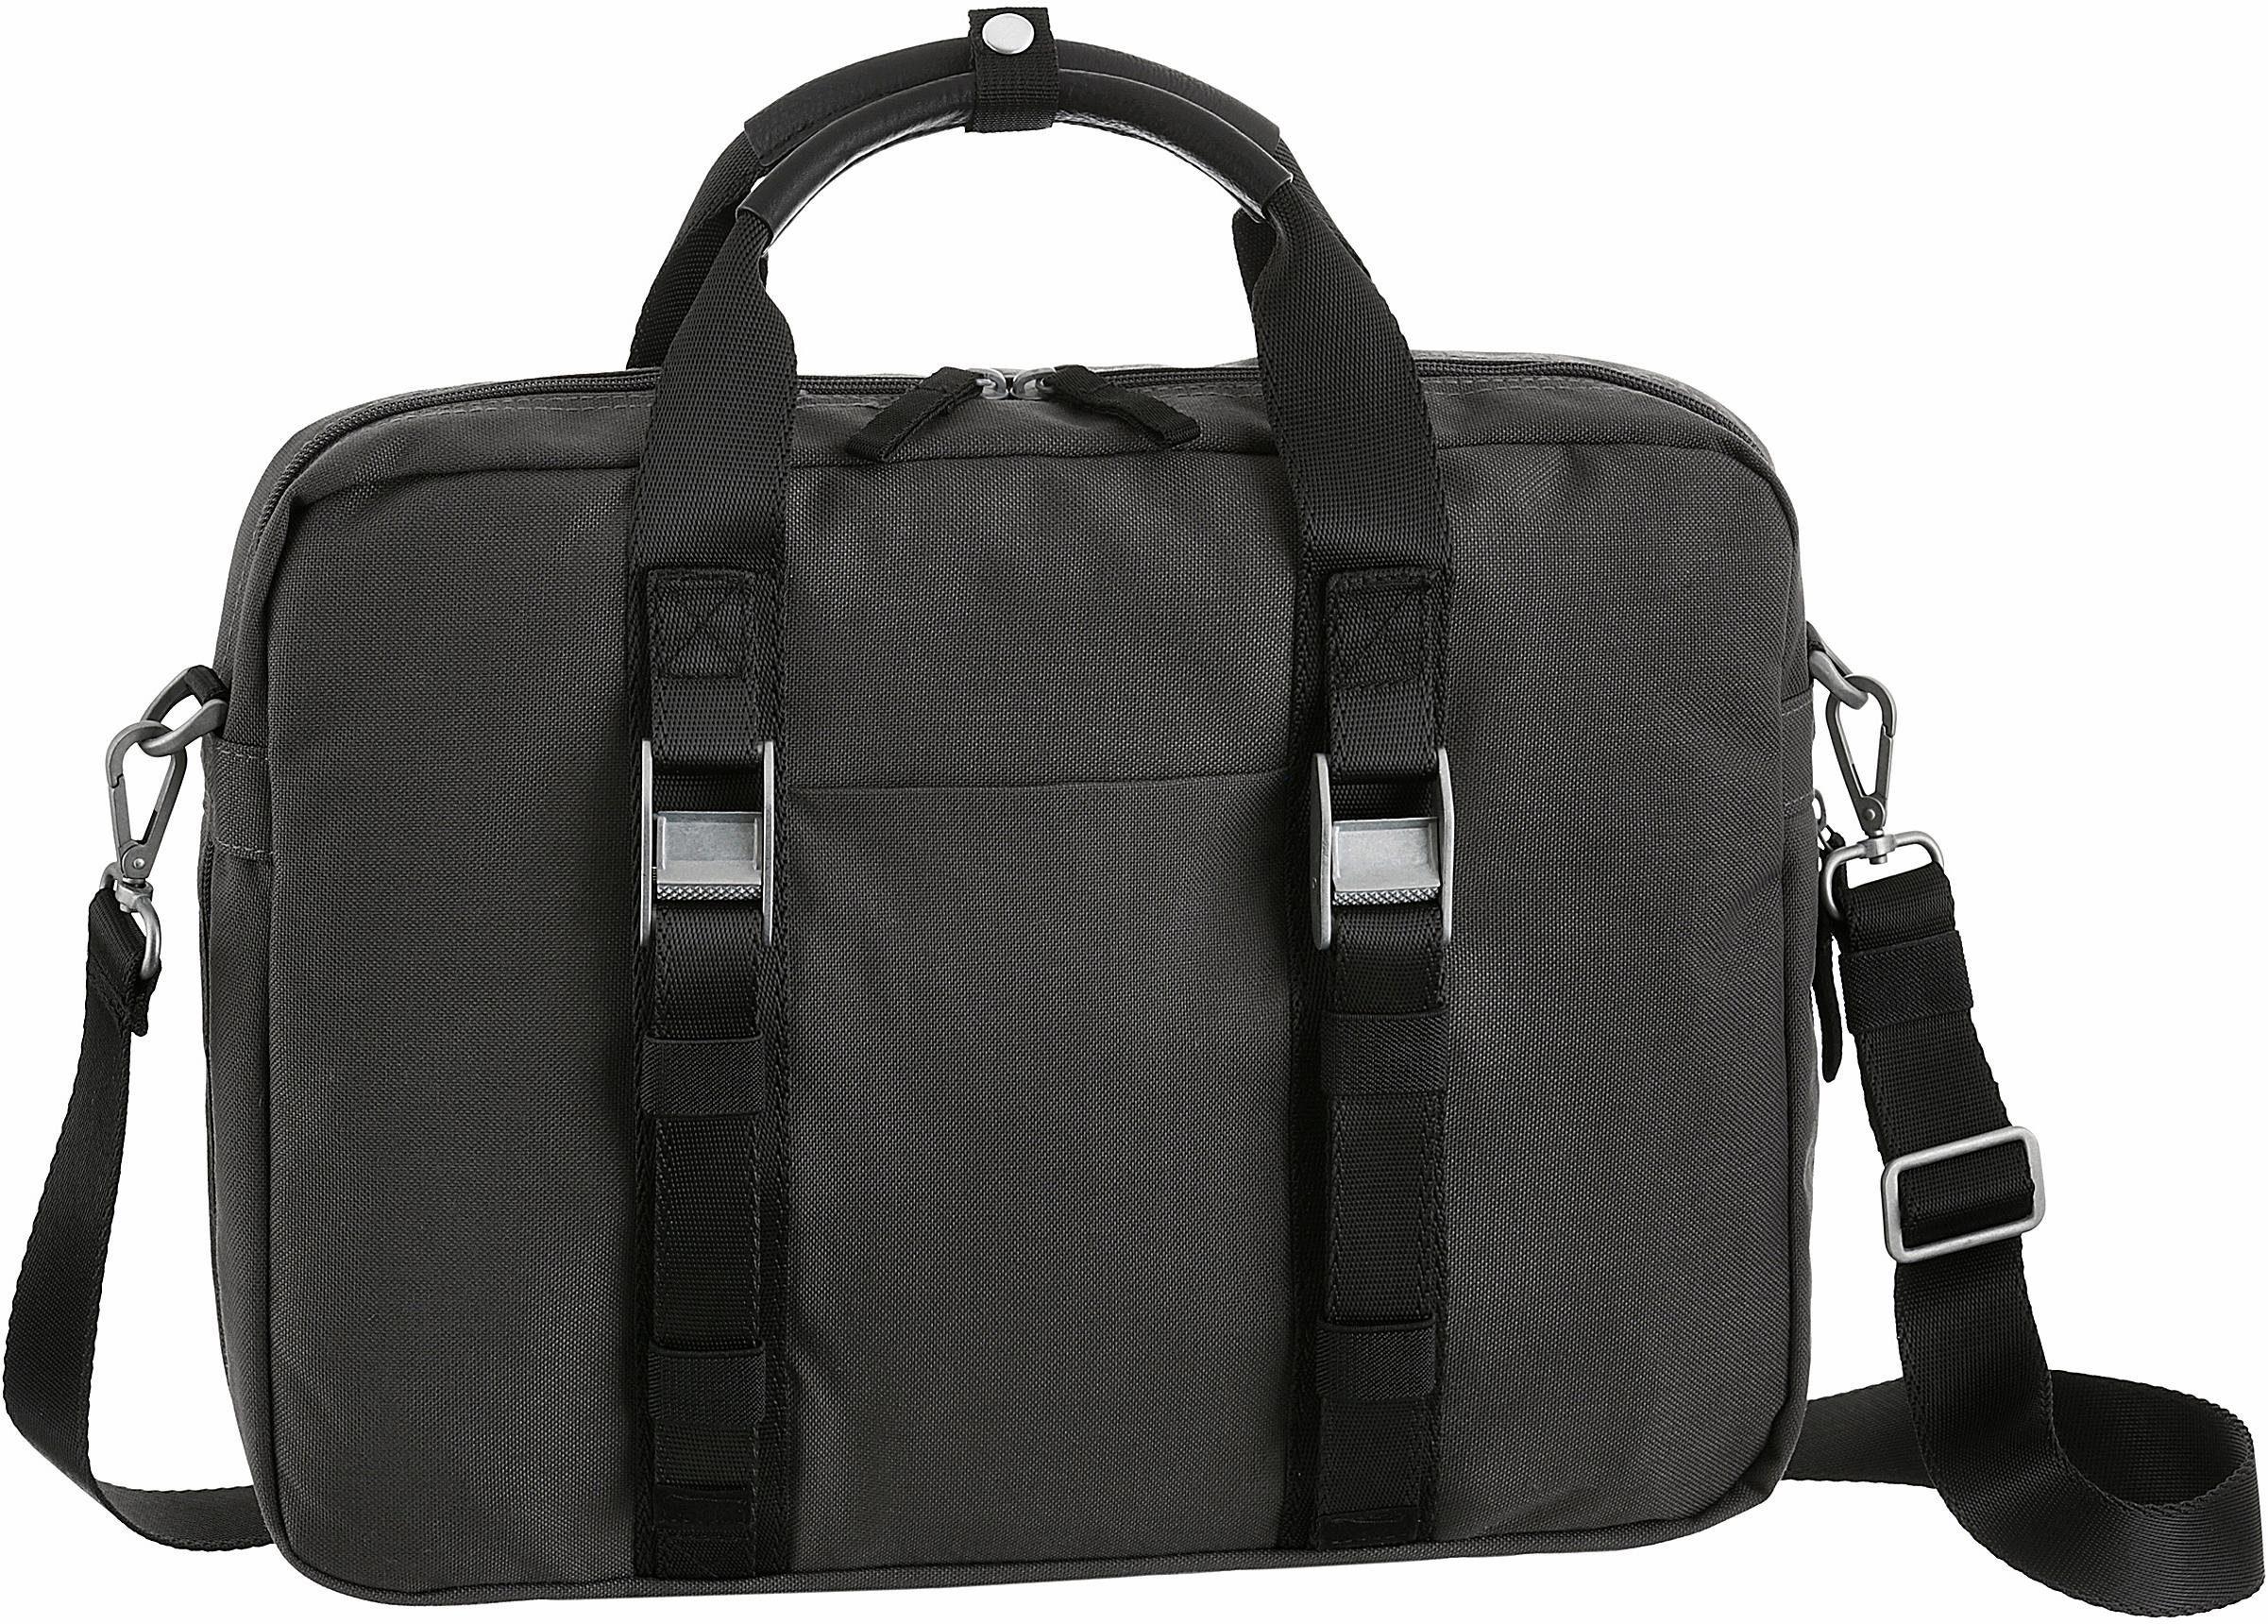 CARGO Businesstasche mit 13-Zoll Laptopfach, »Cargo 101, grau«